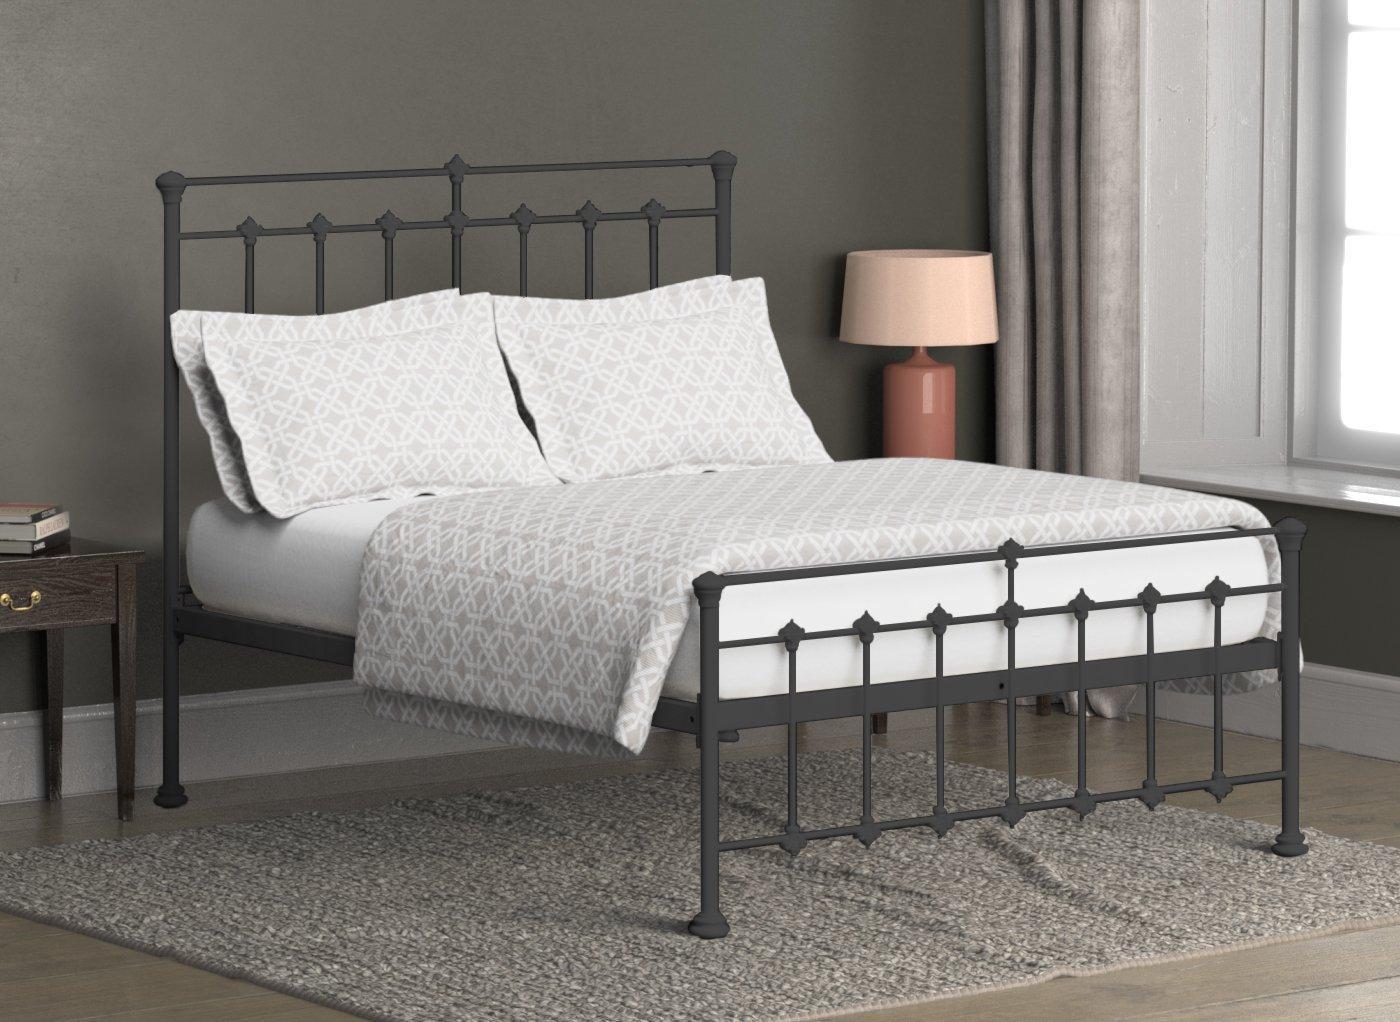 Edwardian Metal Bed Frame 3'0 Single BLACK